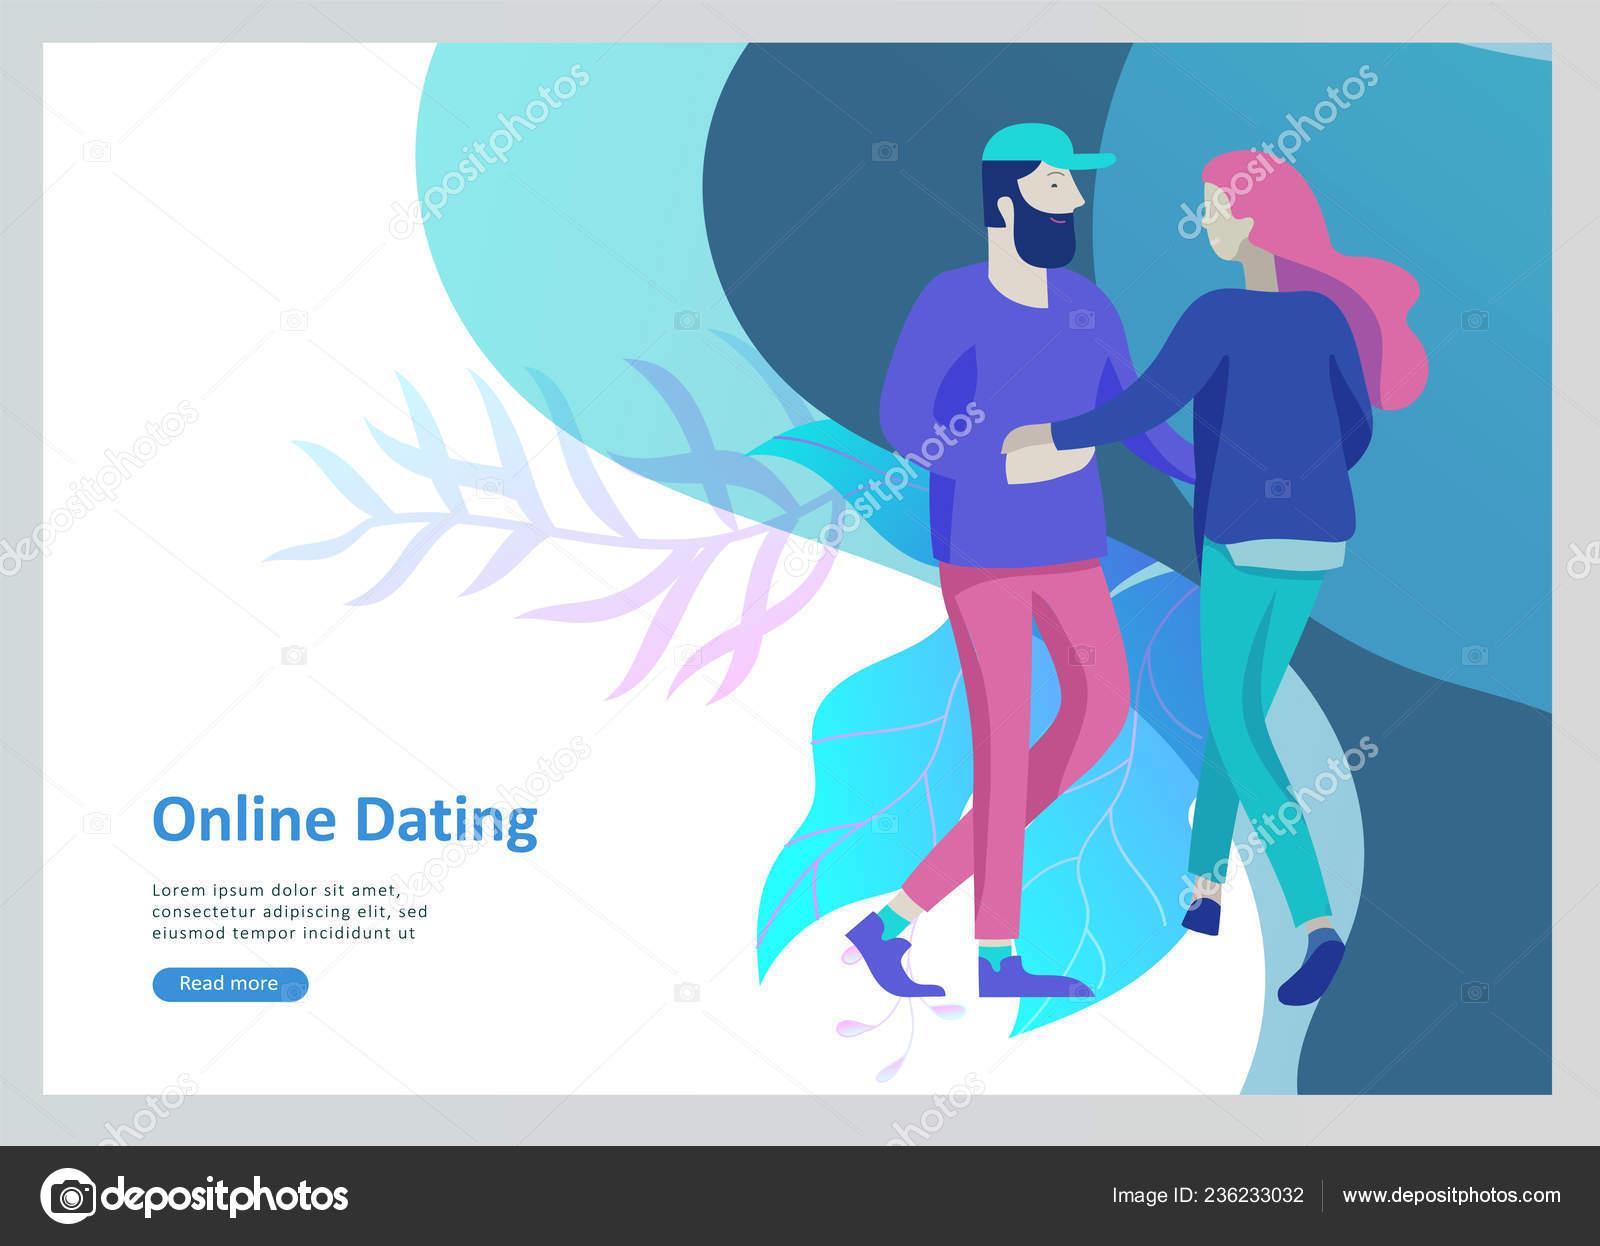 Korkea pää dating app puku lähellä mikkeli kyrvän hieronta karvainen pillu.